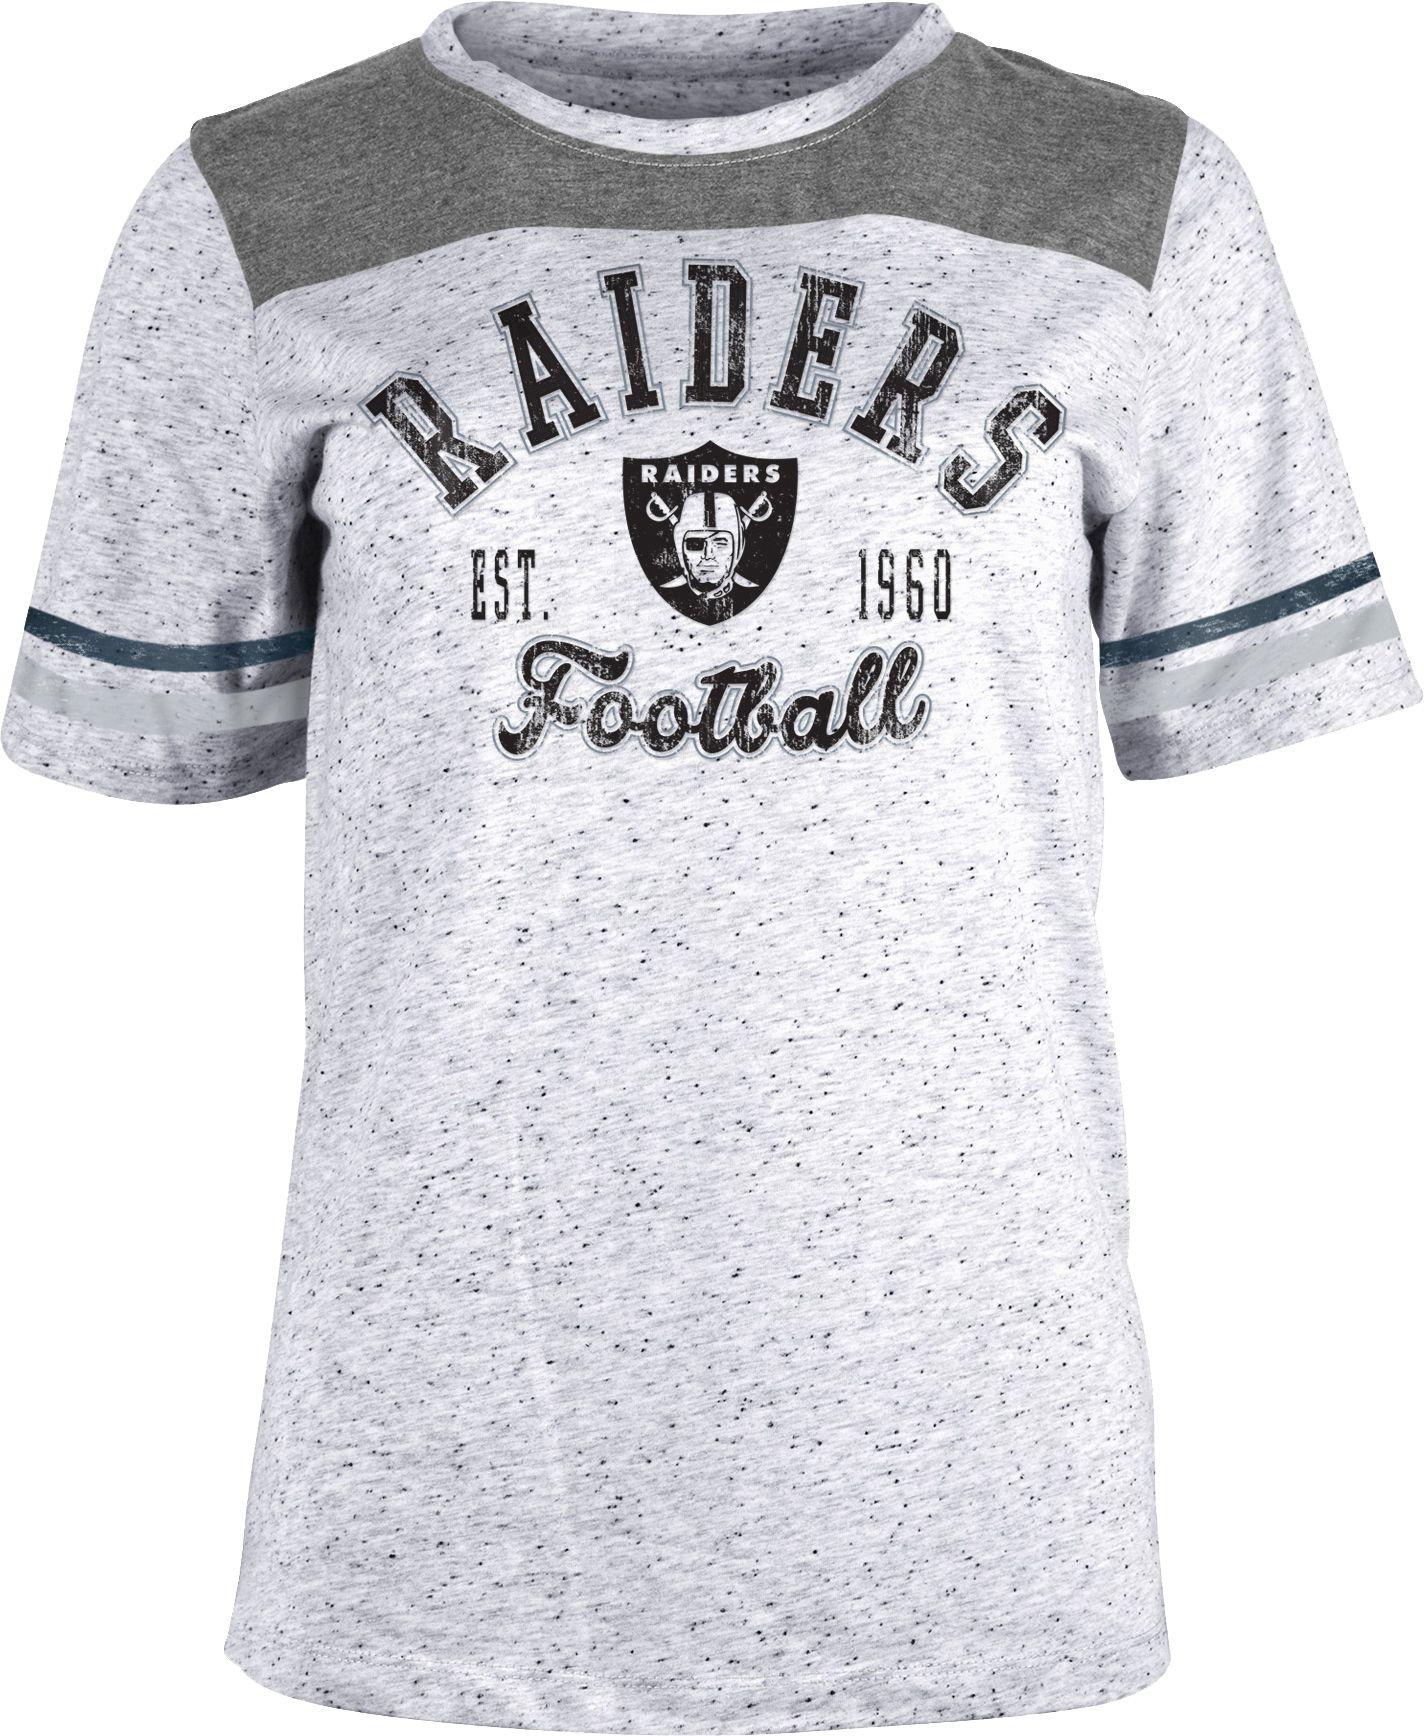 raiders t shirt women's